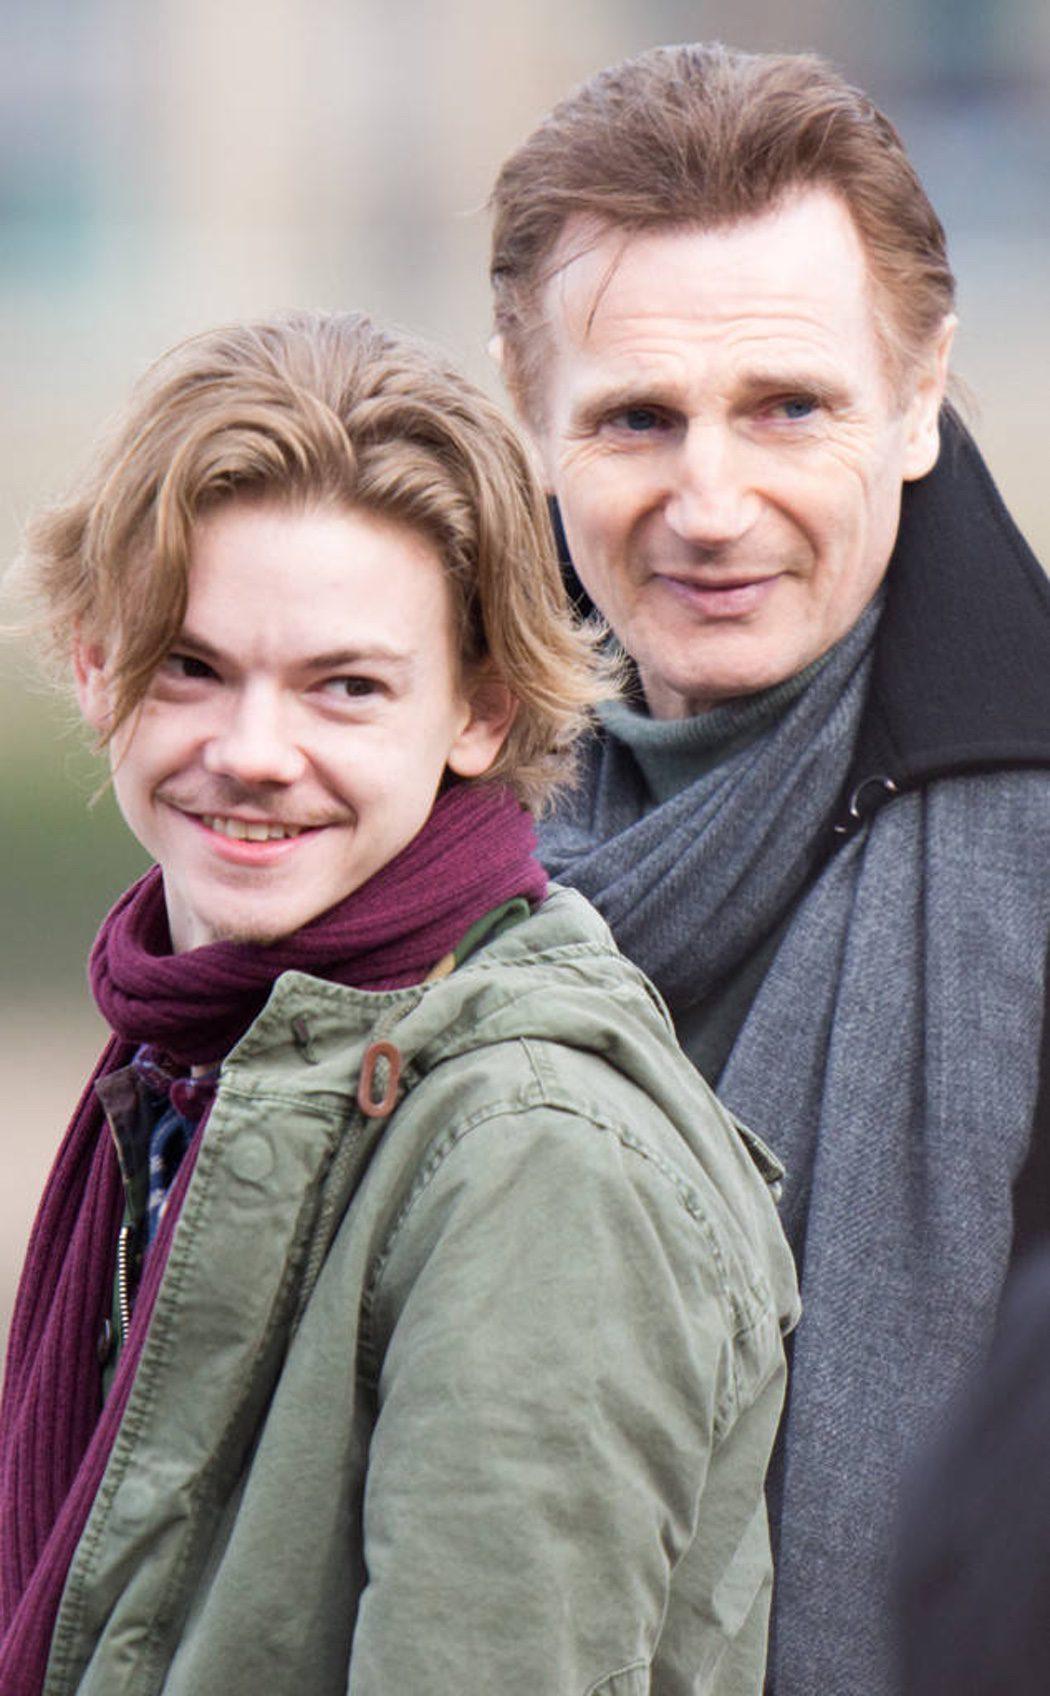 Sam (Brodie-Sangster) y Daniel (Neeson) 14 años después